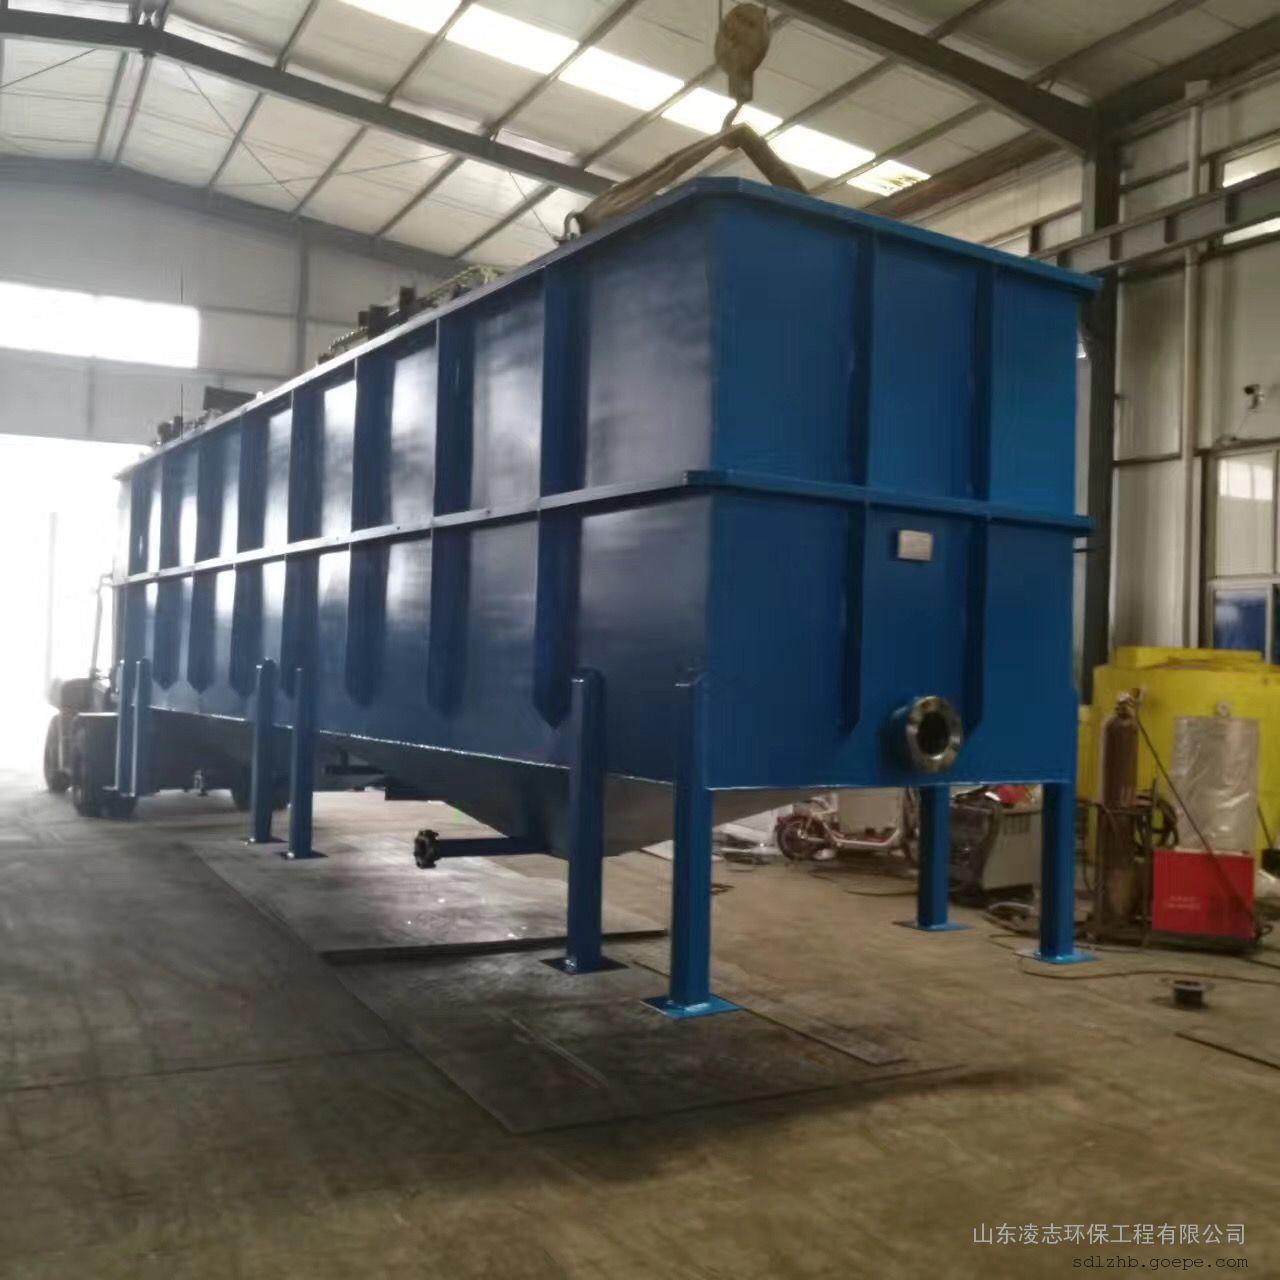 高COD废水处理 化工废水处理设备 污水处理设备